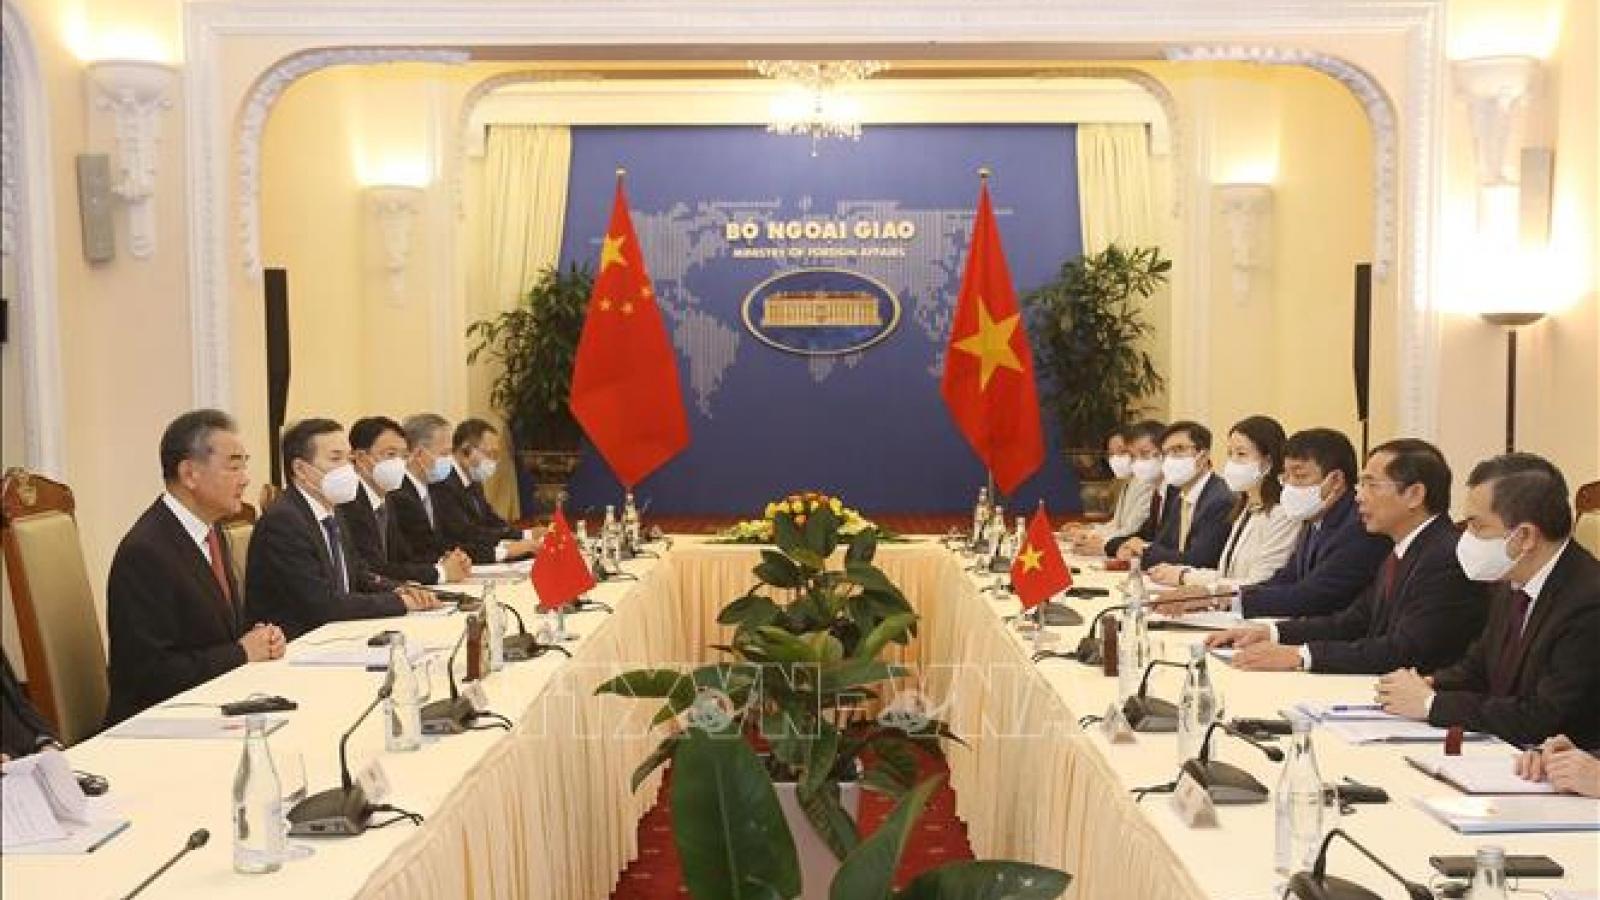 Bộ trưởng Ngoại giao Bùi Thanh Sơn hội đàm với Bộ trưởng Ngoại giao Trung Quốc